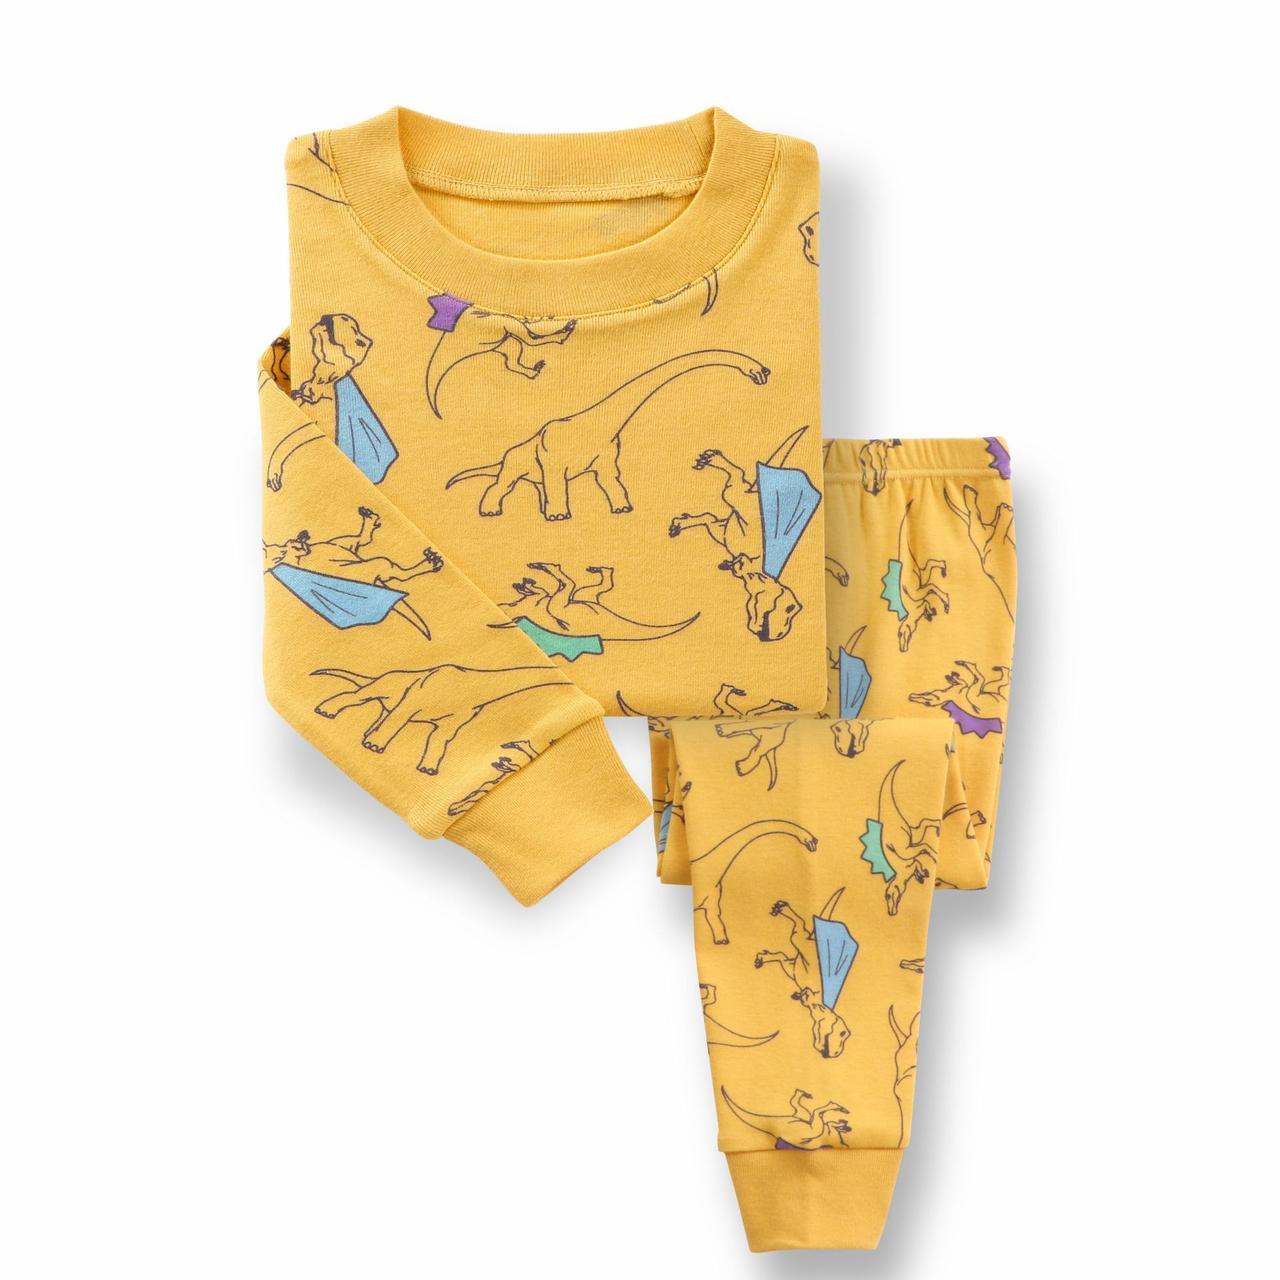 Детская пижама для мальчика артикул 721 песочные динозавры